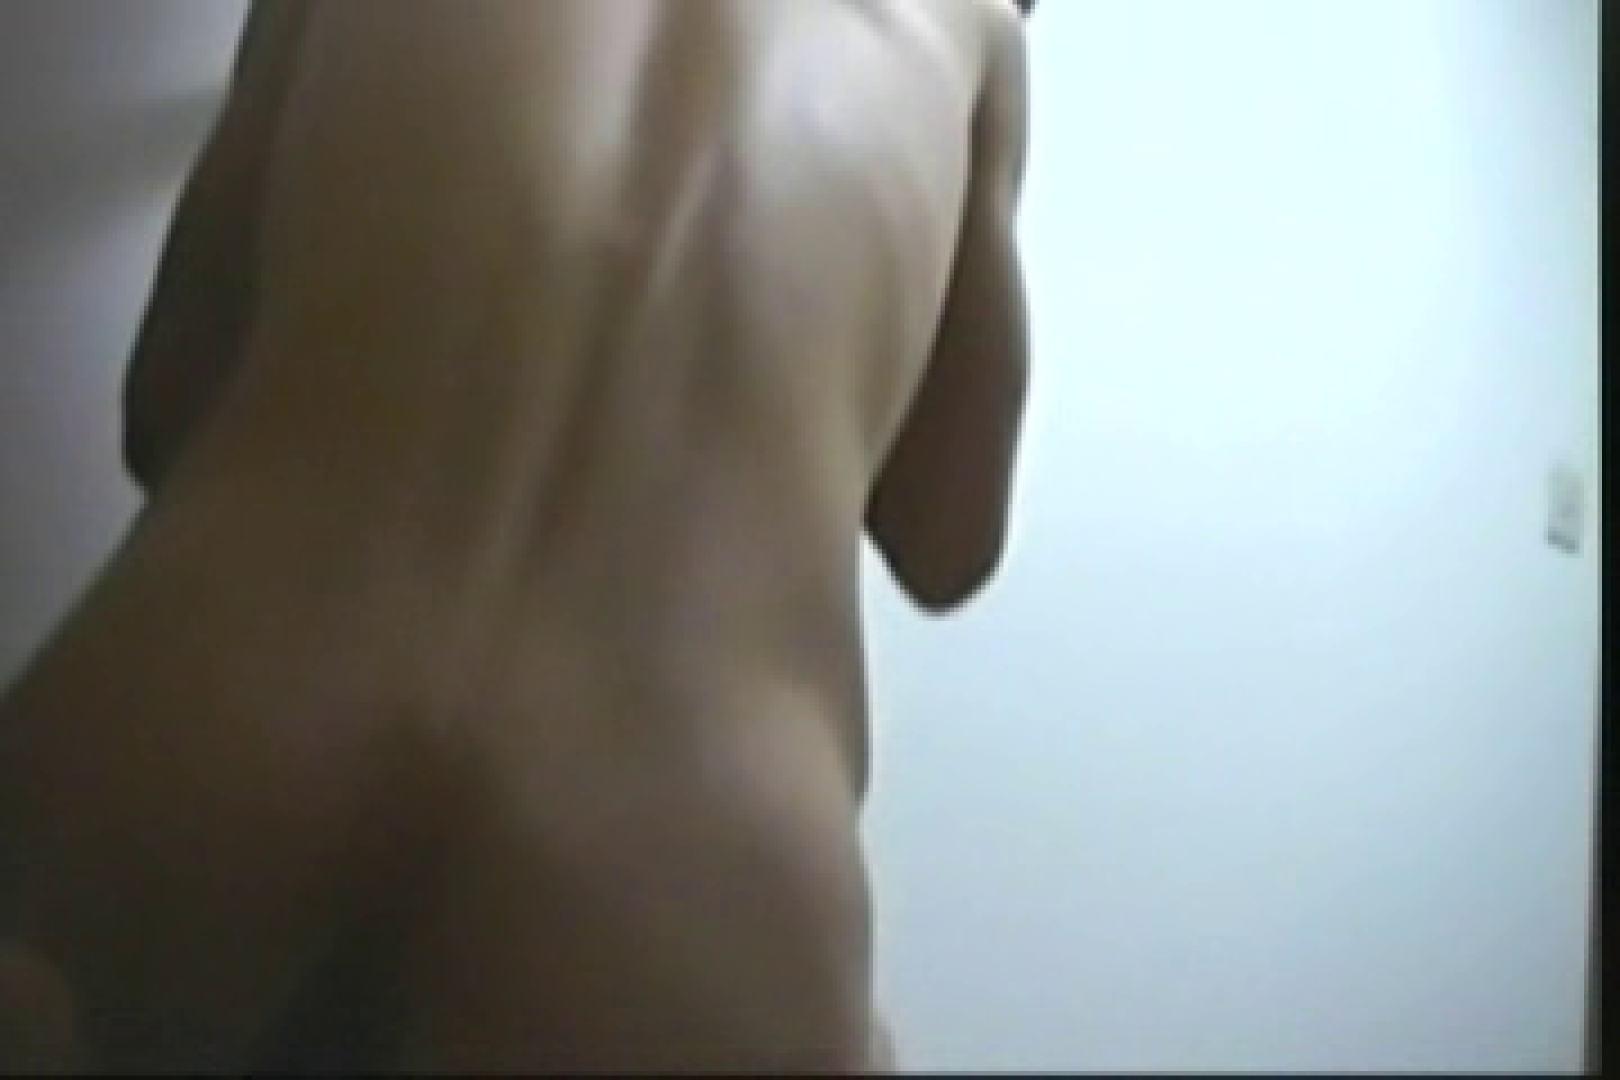 【実録個人撮影】男の子達の禁断の愛欲性活!!vol.06 個人撮影  105画像 104